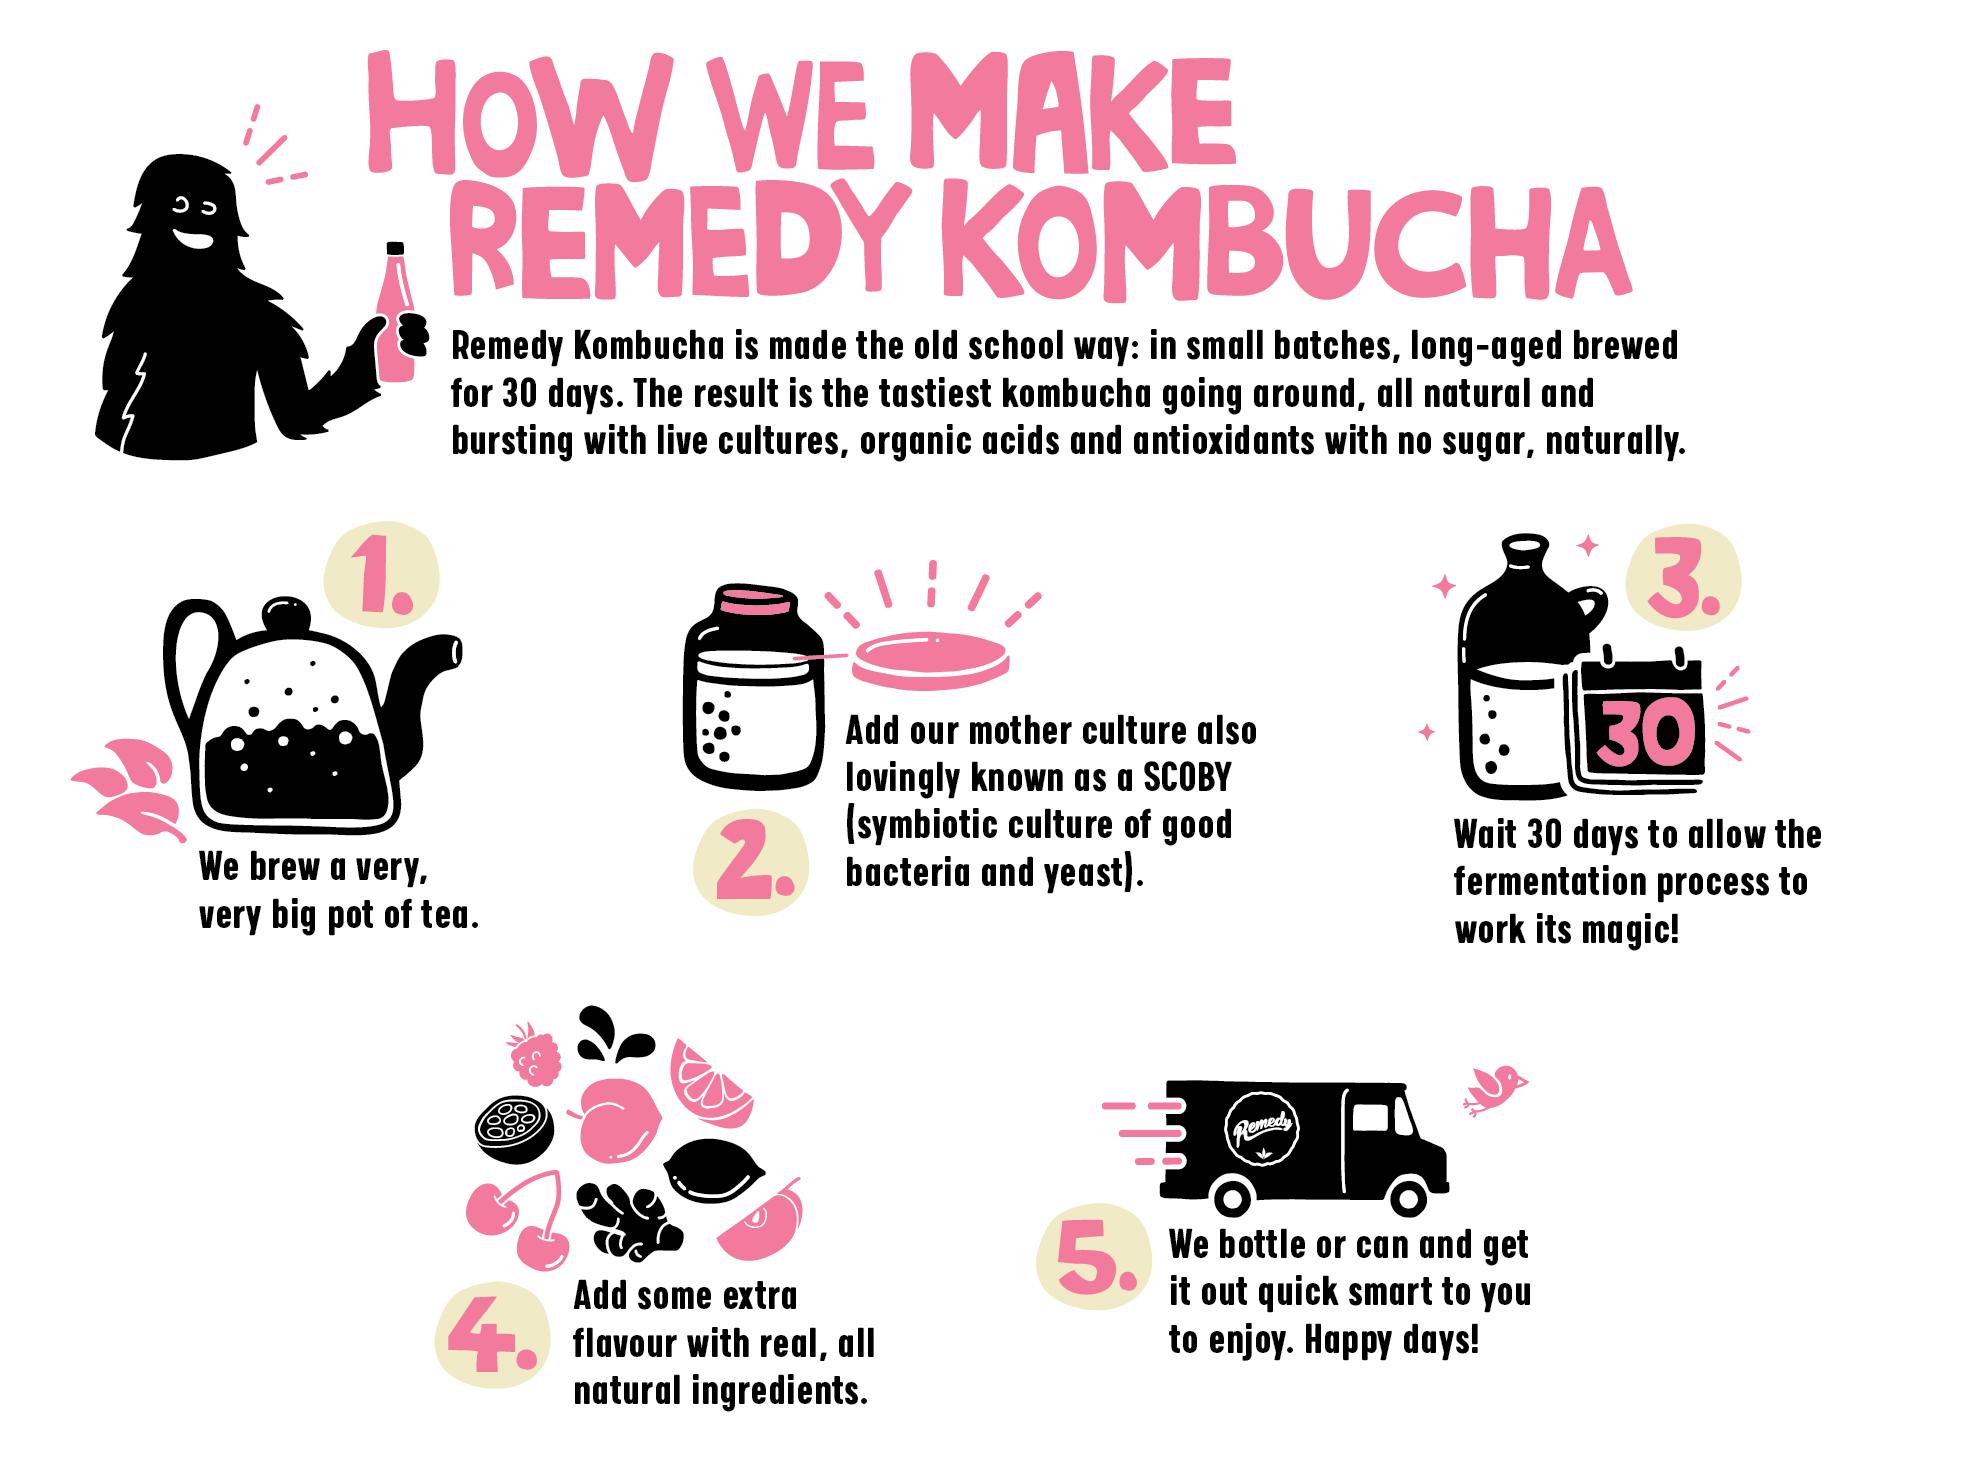 The Remedy Kombucha Brewing Process